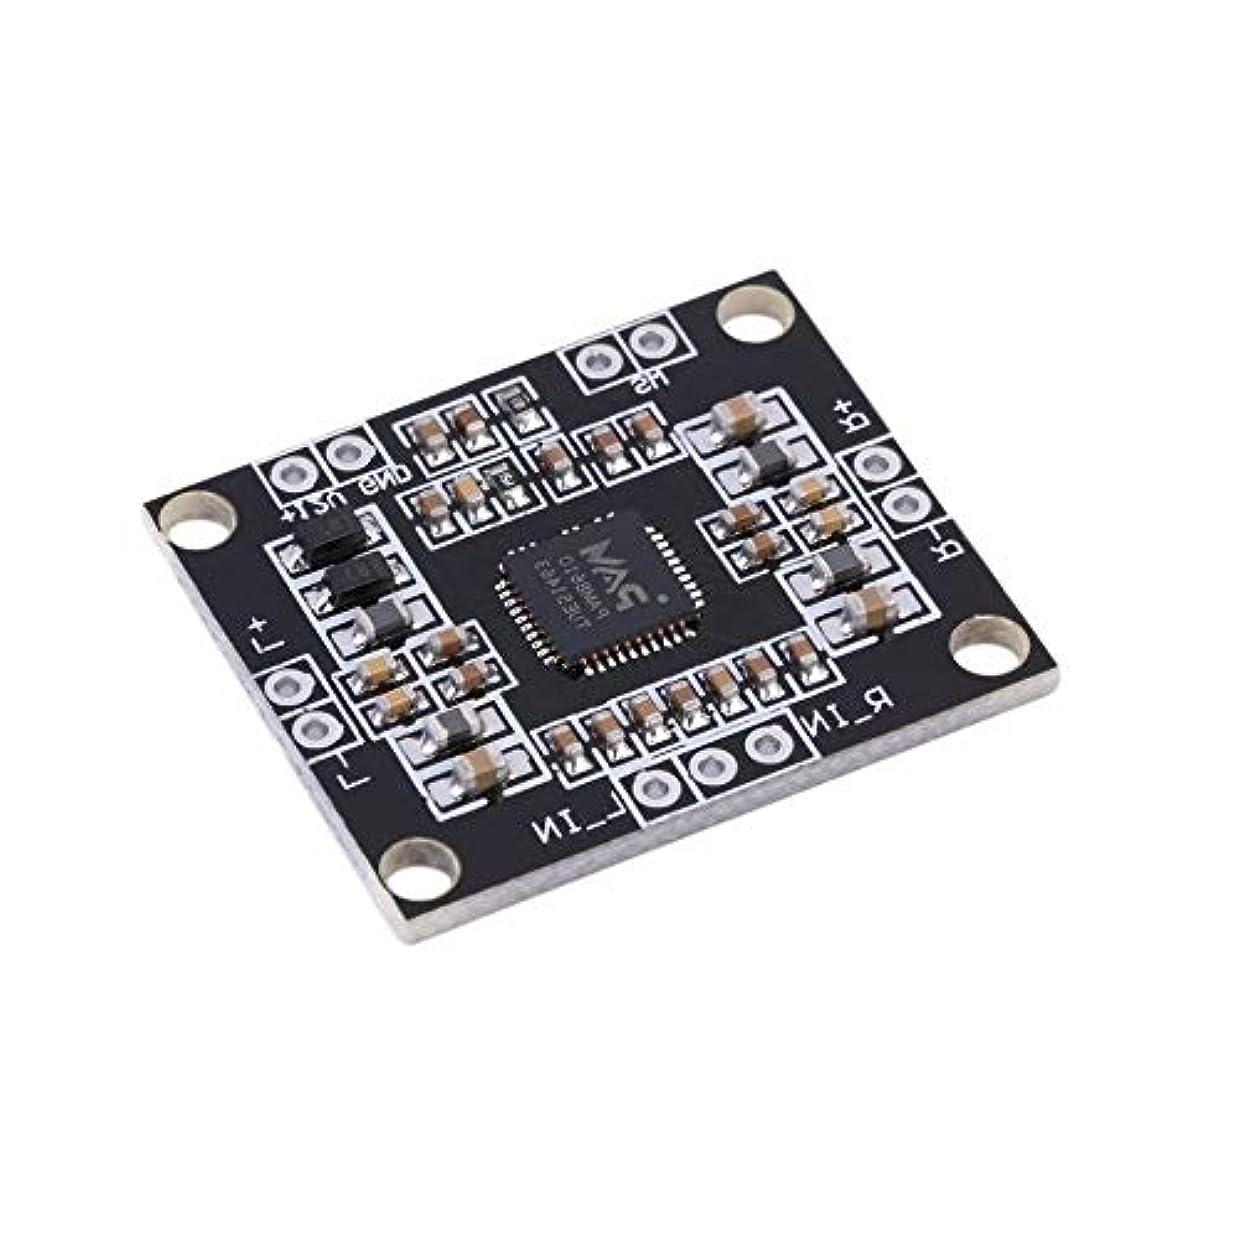 エイズフロンティアキースーパーディールオリジナルPAM8610デジタルパワーアンプボード2 * 15Wデュアルチャンネルステレオクラスアンプボード12Vトップセール